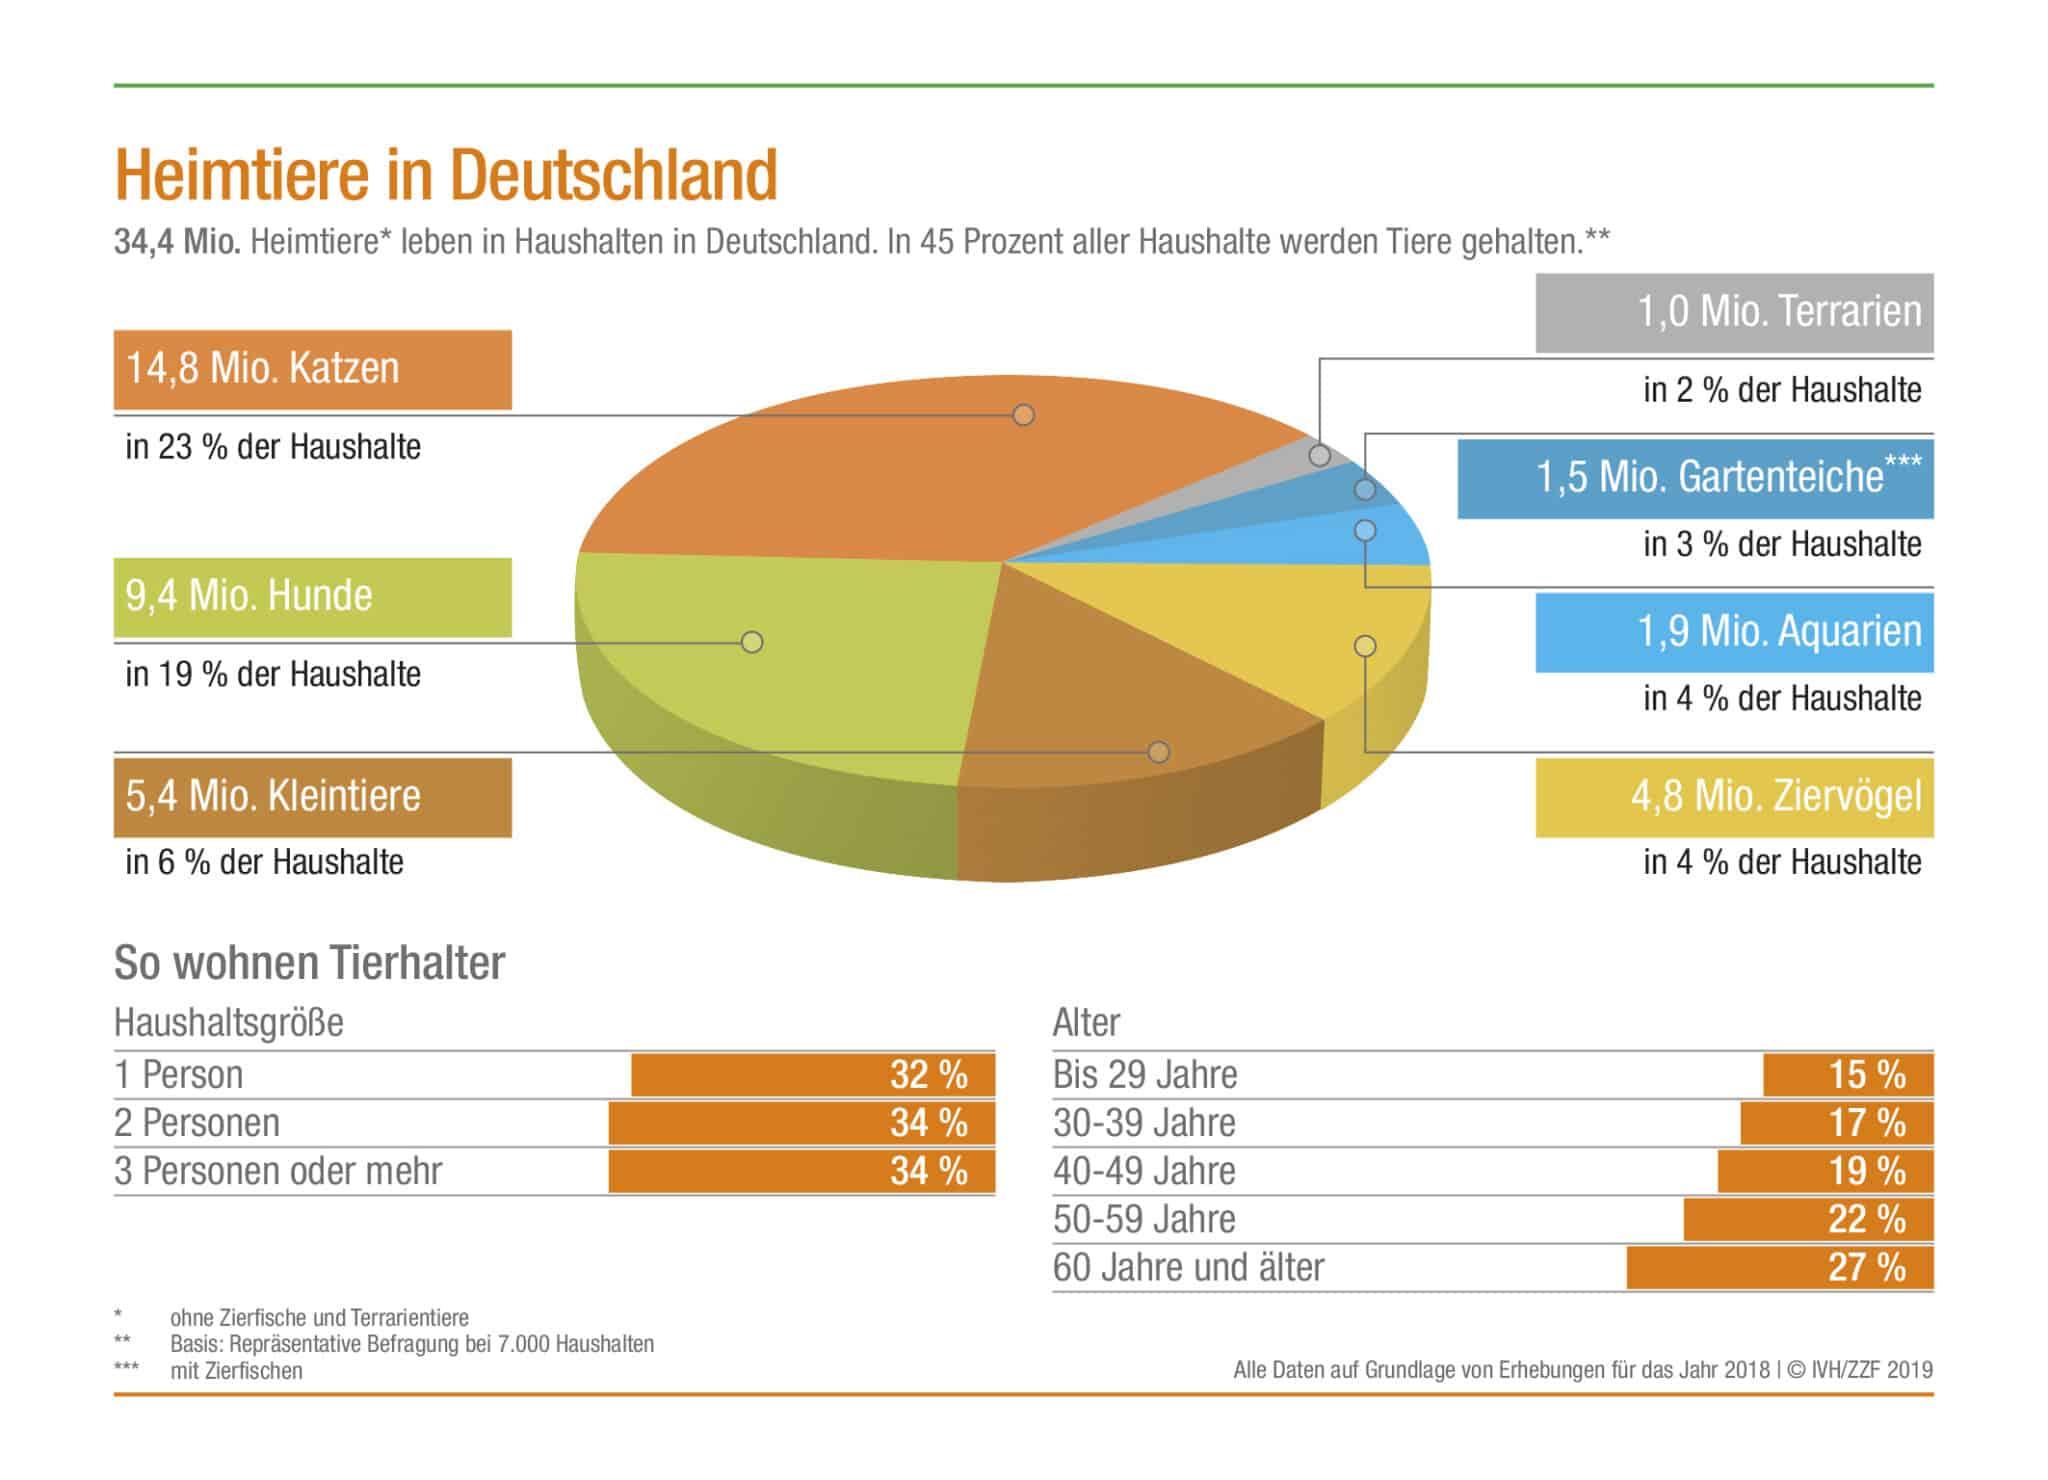 Lebende Heimtiere in Deutschland für das Jahr 2019